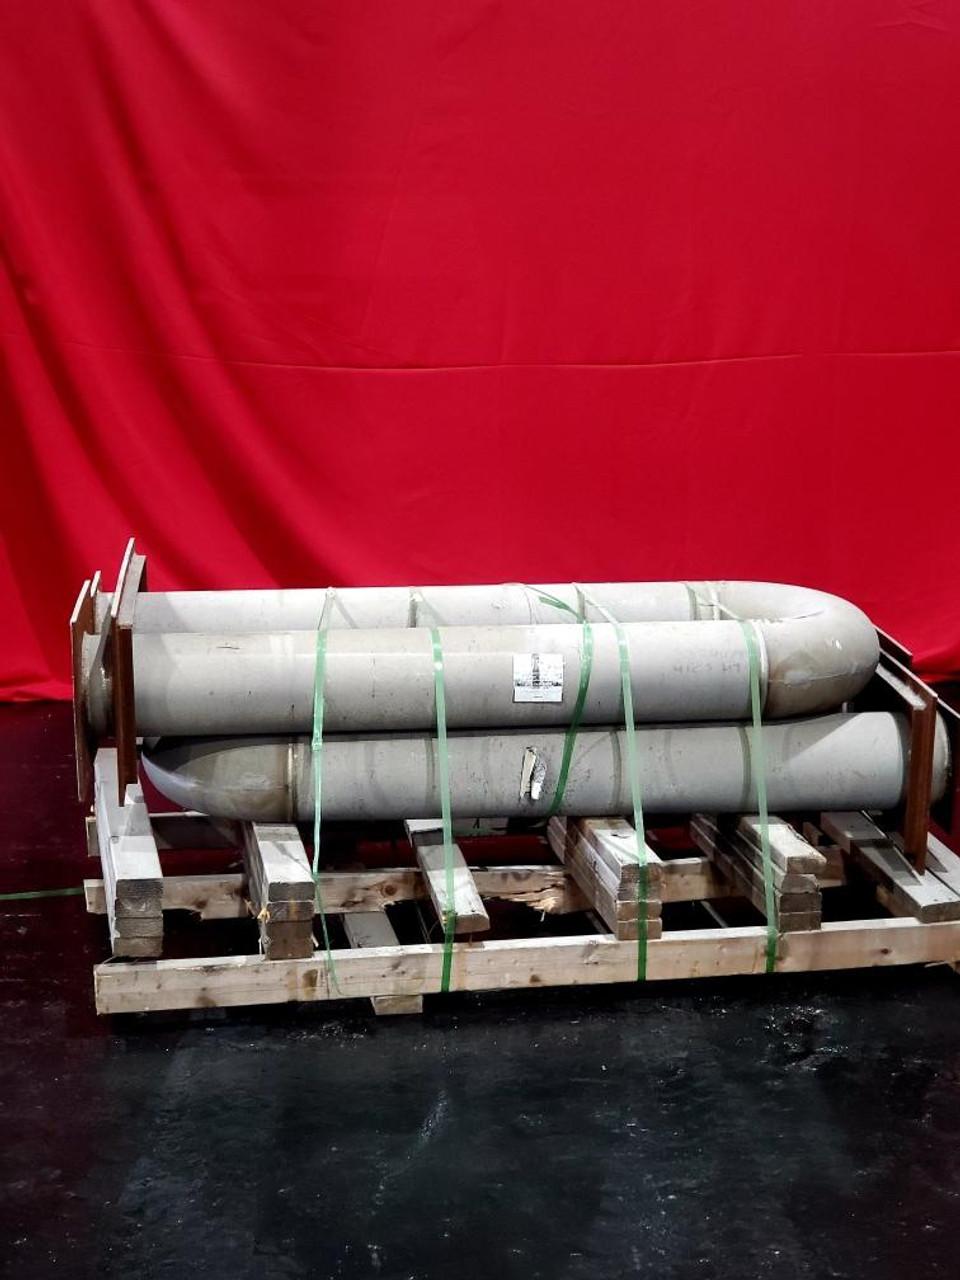 WIRCO U-Tube Assembly AX-DC-72286 for 36x48x36 Batch Furnace